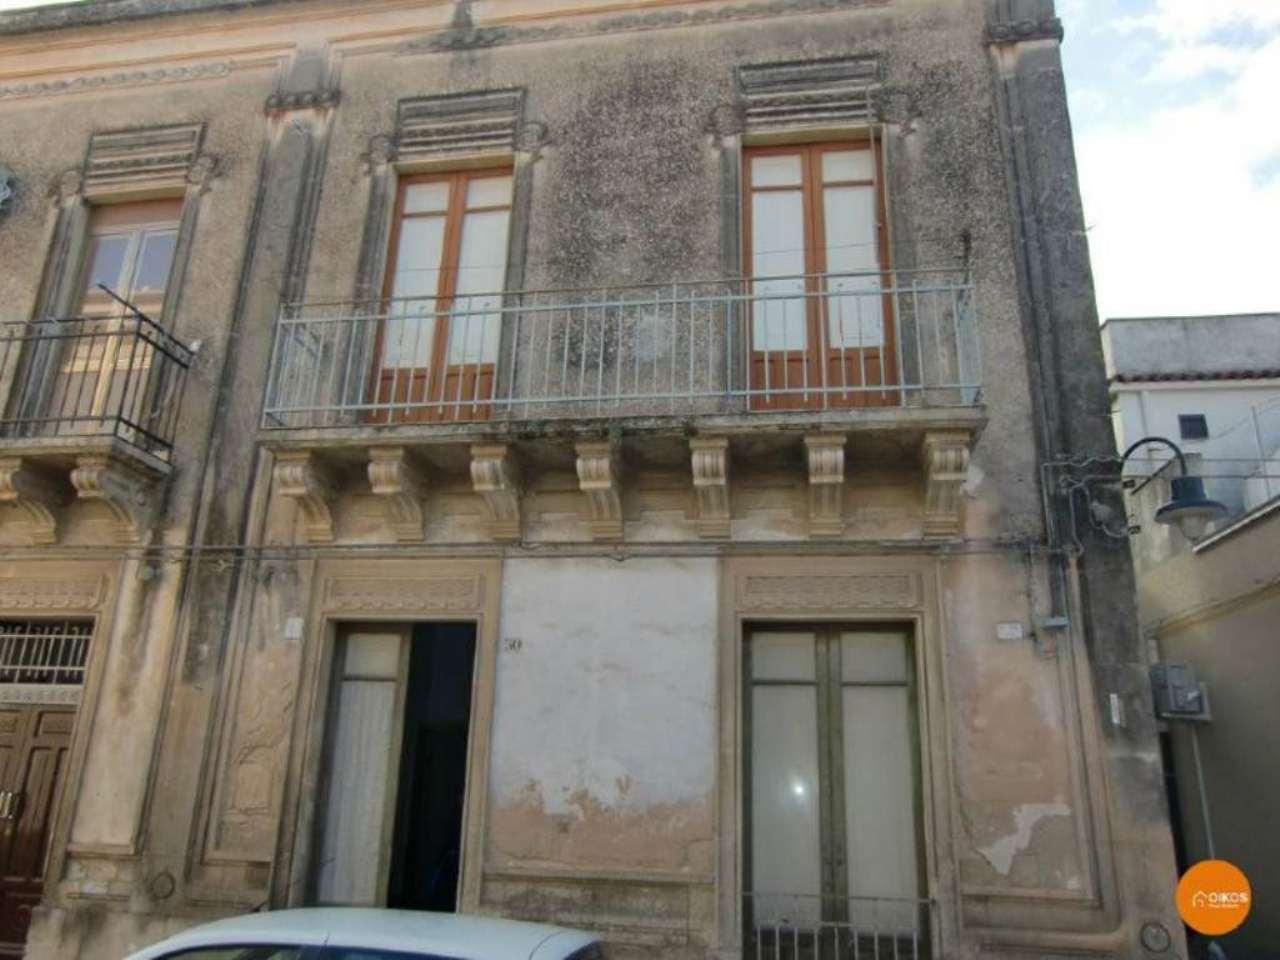 Soluzione Indipendente in vendita a Noto, 5 locali, prezzo € 50.000 | Cambio Casa.it